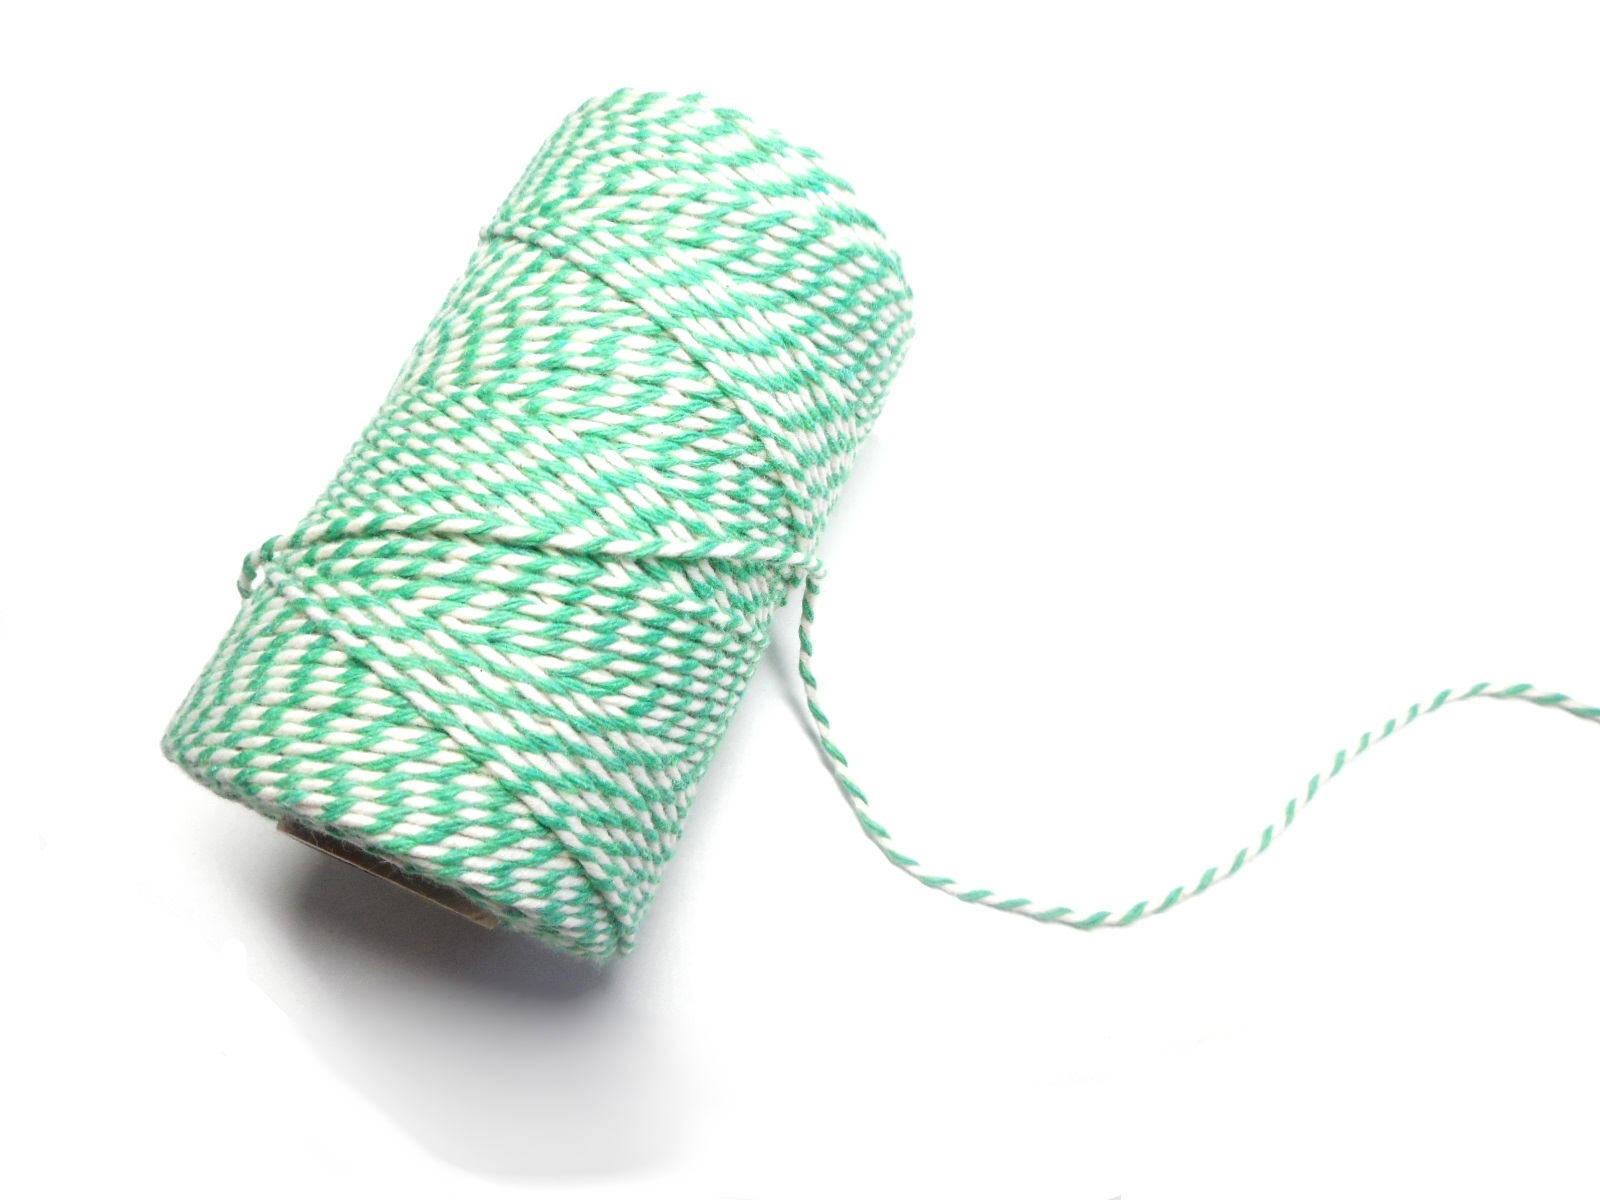 """Coupon de 10 mètres de ficelle """"Baker twine"""", vert émeraude et blanc, 2 mm"""